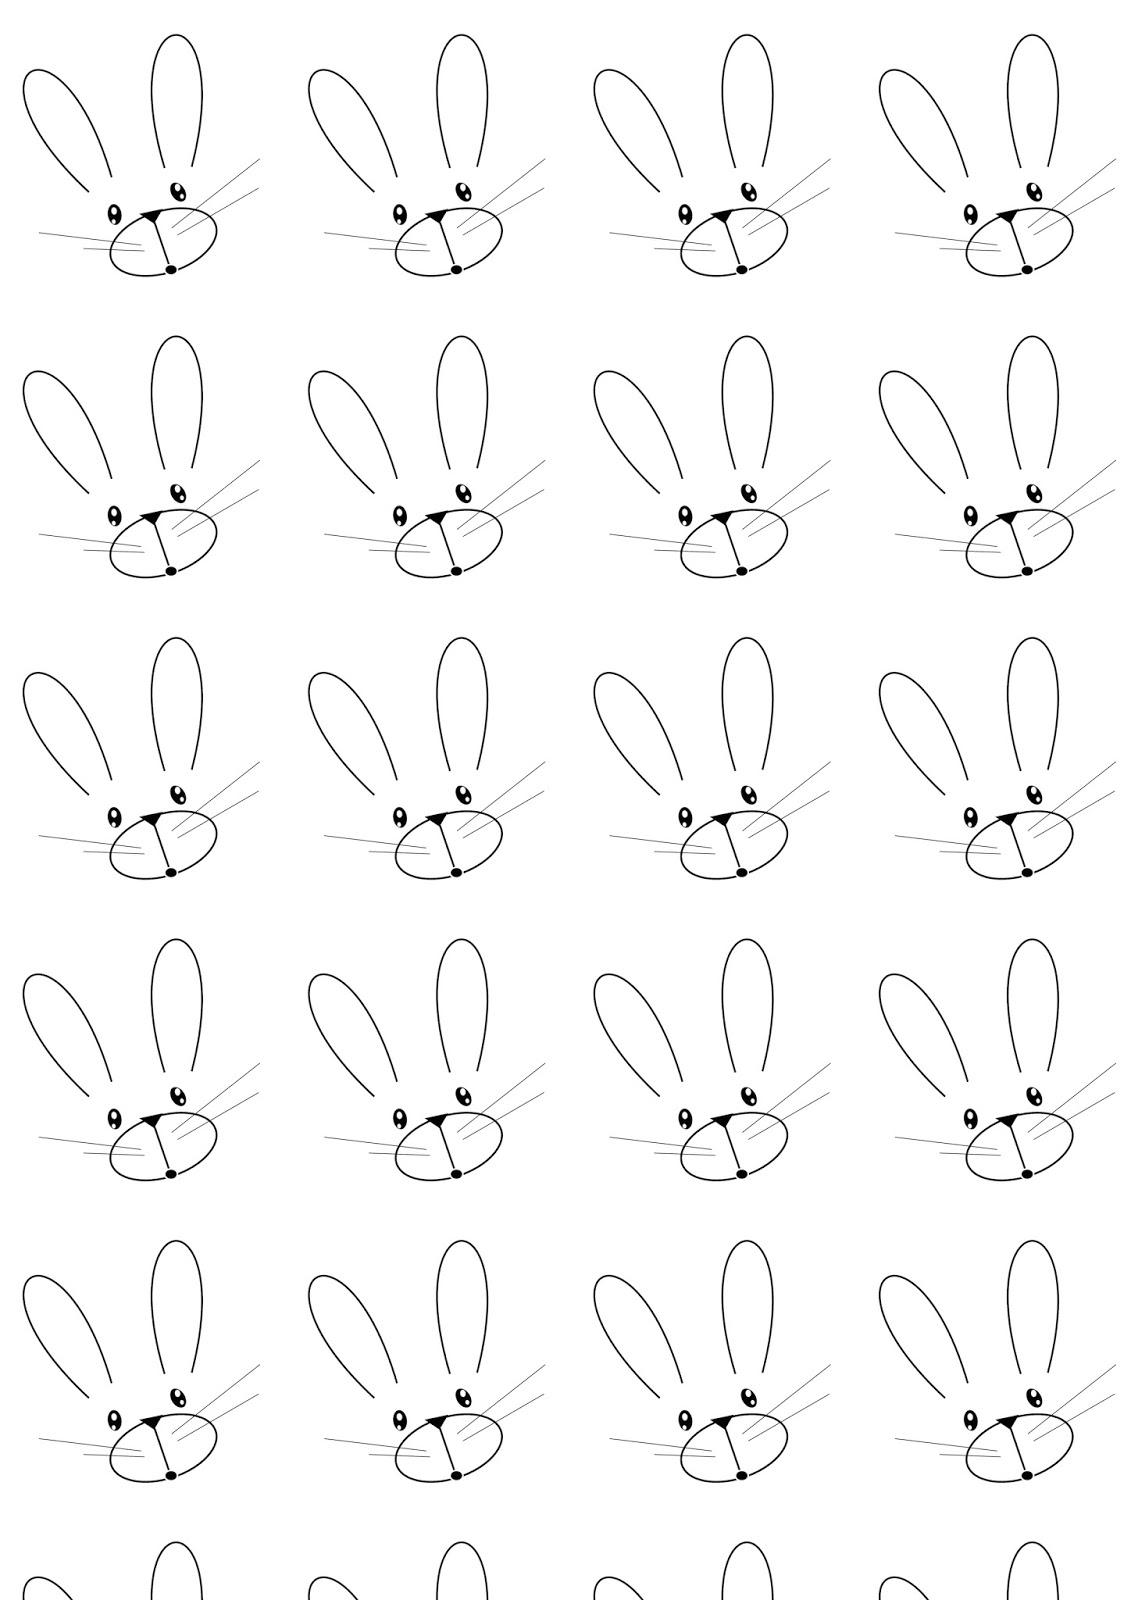 http://1.bp.blogspot.com/-WWbYPV4Vr9E/VQG3cBohGoI/AAAAAAAAiWM/McK6AM2H0NQ/s1600/bunny_line_art_paper_A4.jpg